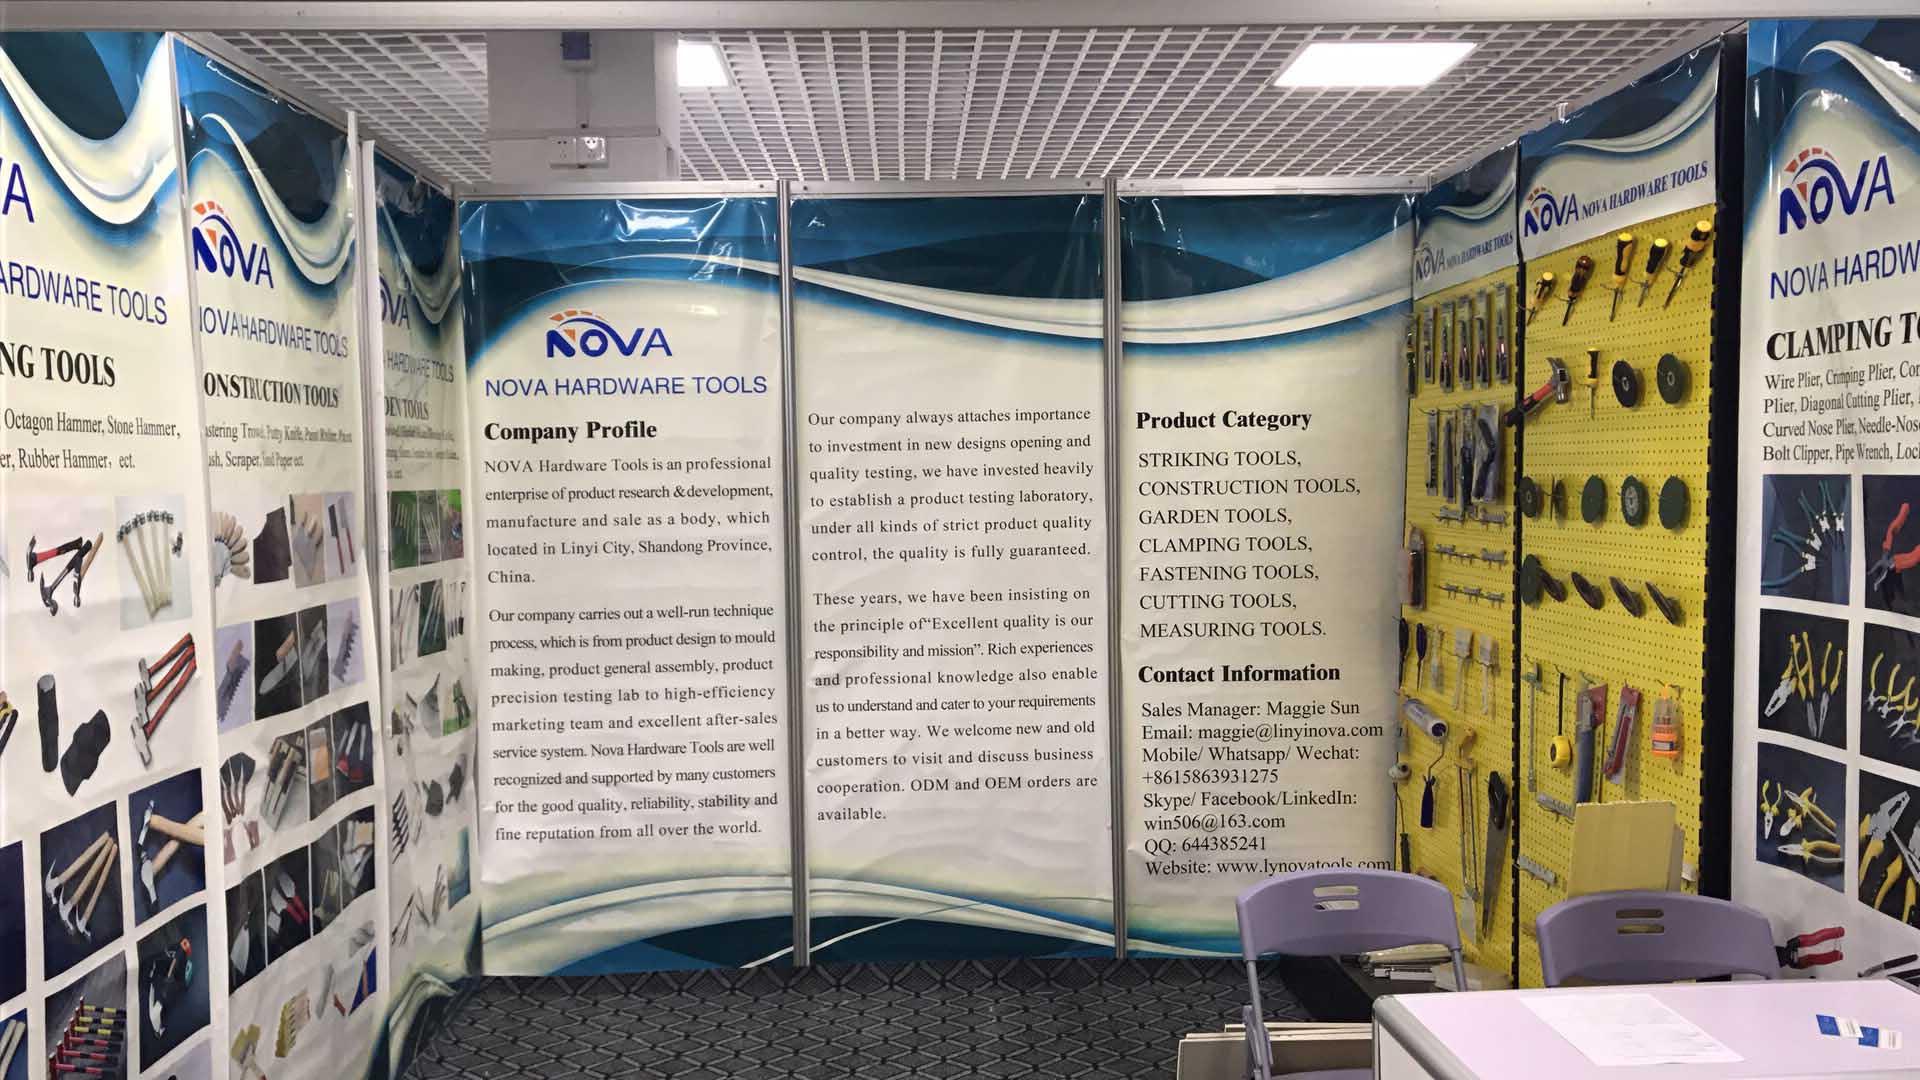 Nova Tools Showroom in Construction Materials Exhibition